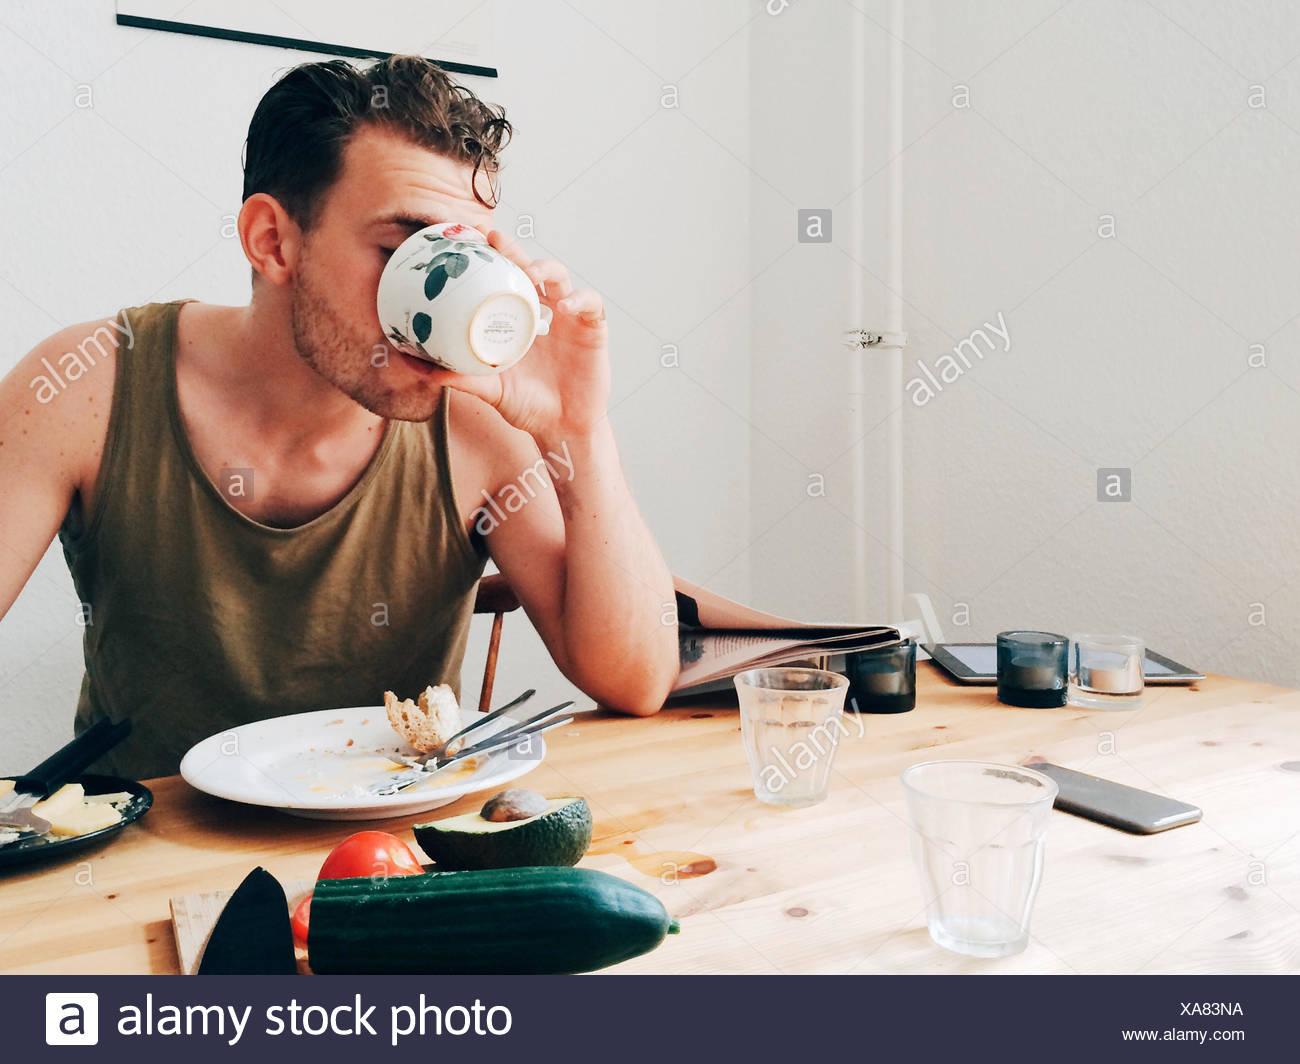 Menschen trinken Kaffee unordentlich Tisch Stockbild